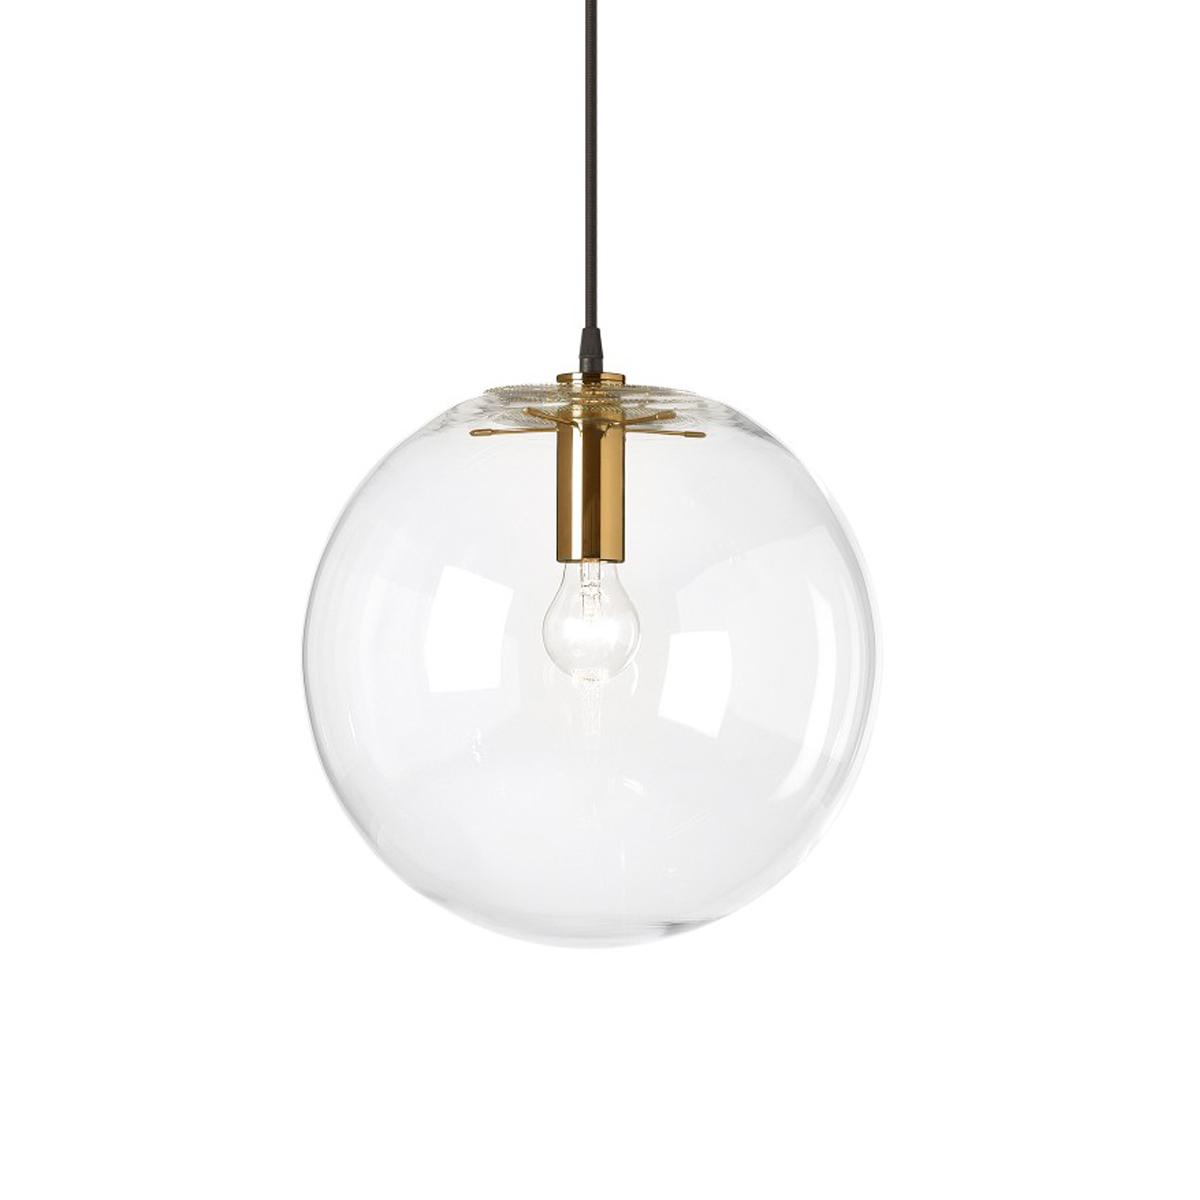 Подвесной светильник копия SELENE by ClassiCon D40 (золотой)